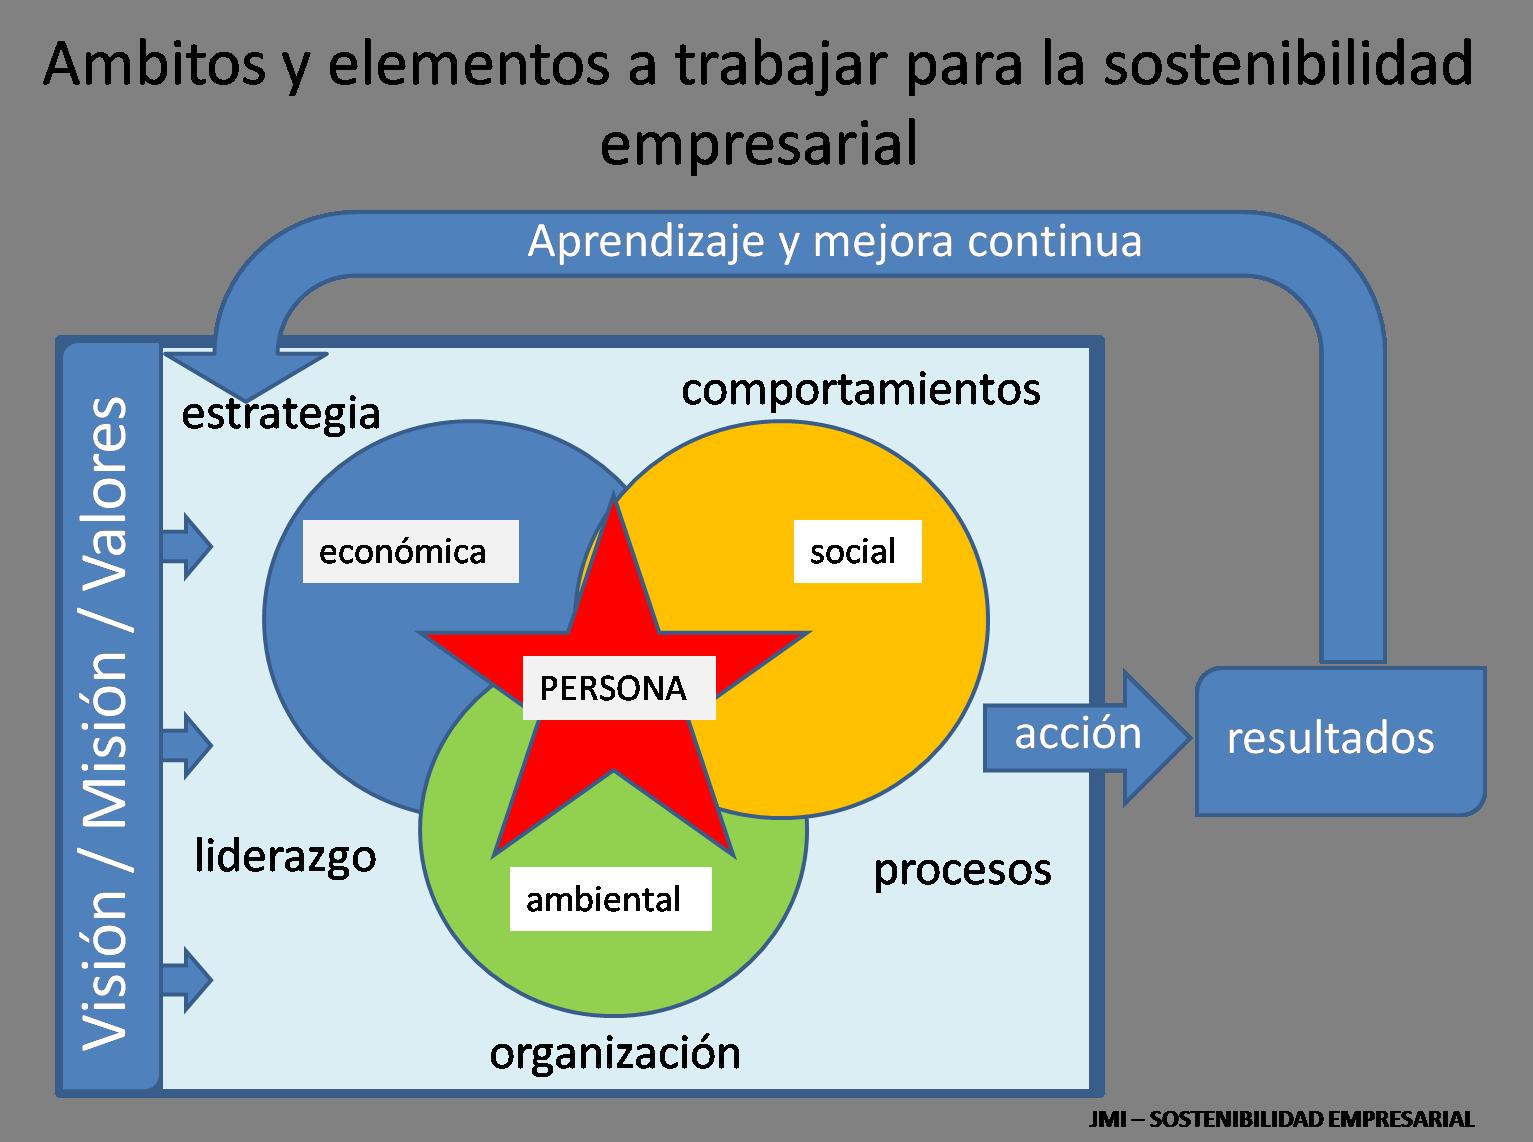 A trabajar para la Sostenibilidad del Proyecto  Empresarial